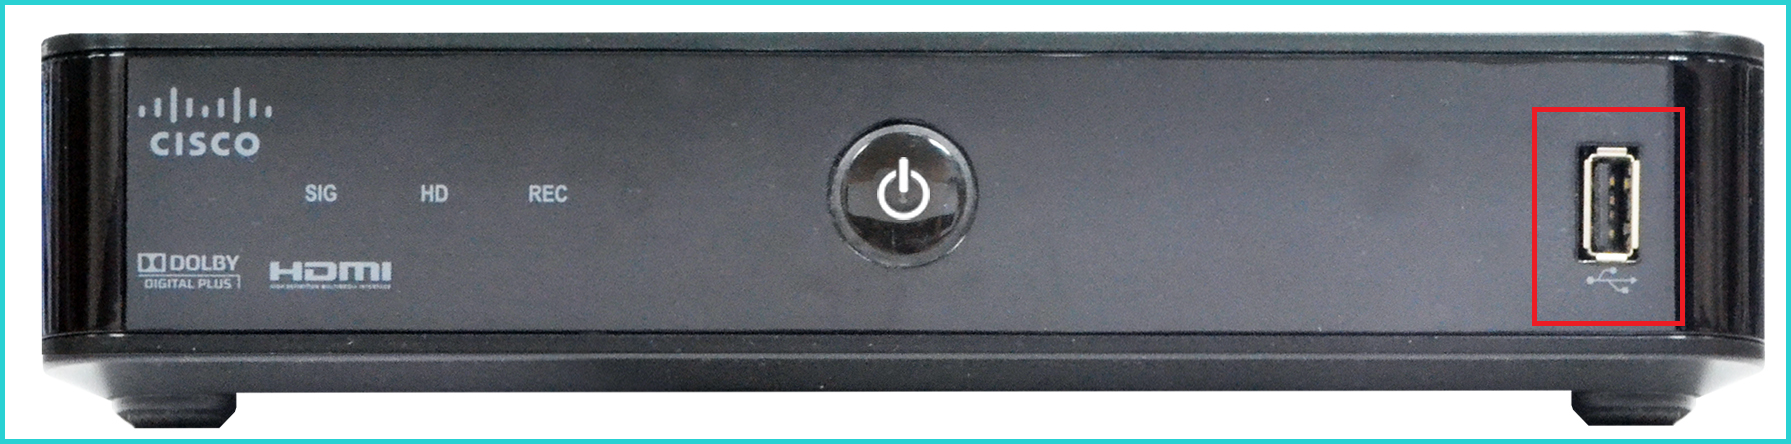 USB-razem-ispolzuetsya-dlya-podkljucheniya-periferijnyh-ustrojstv-s-sootvetstvujushhim-razemom.png